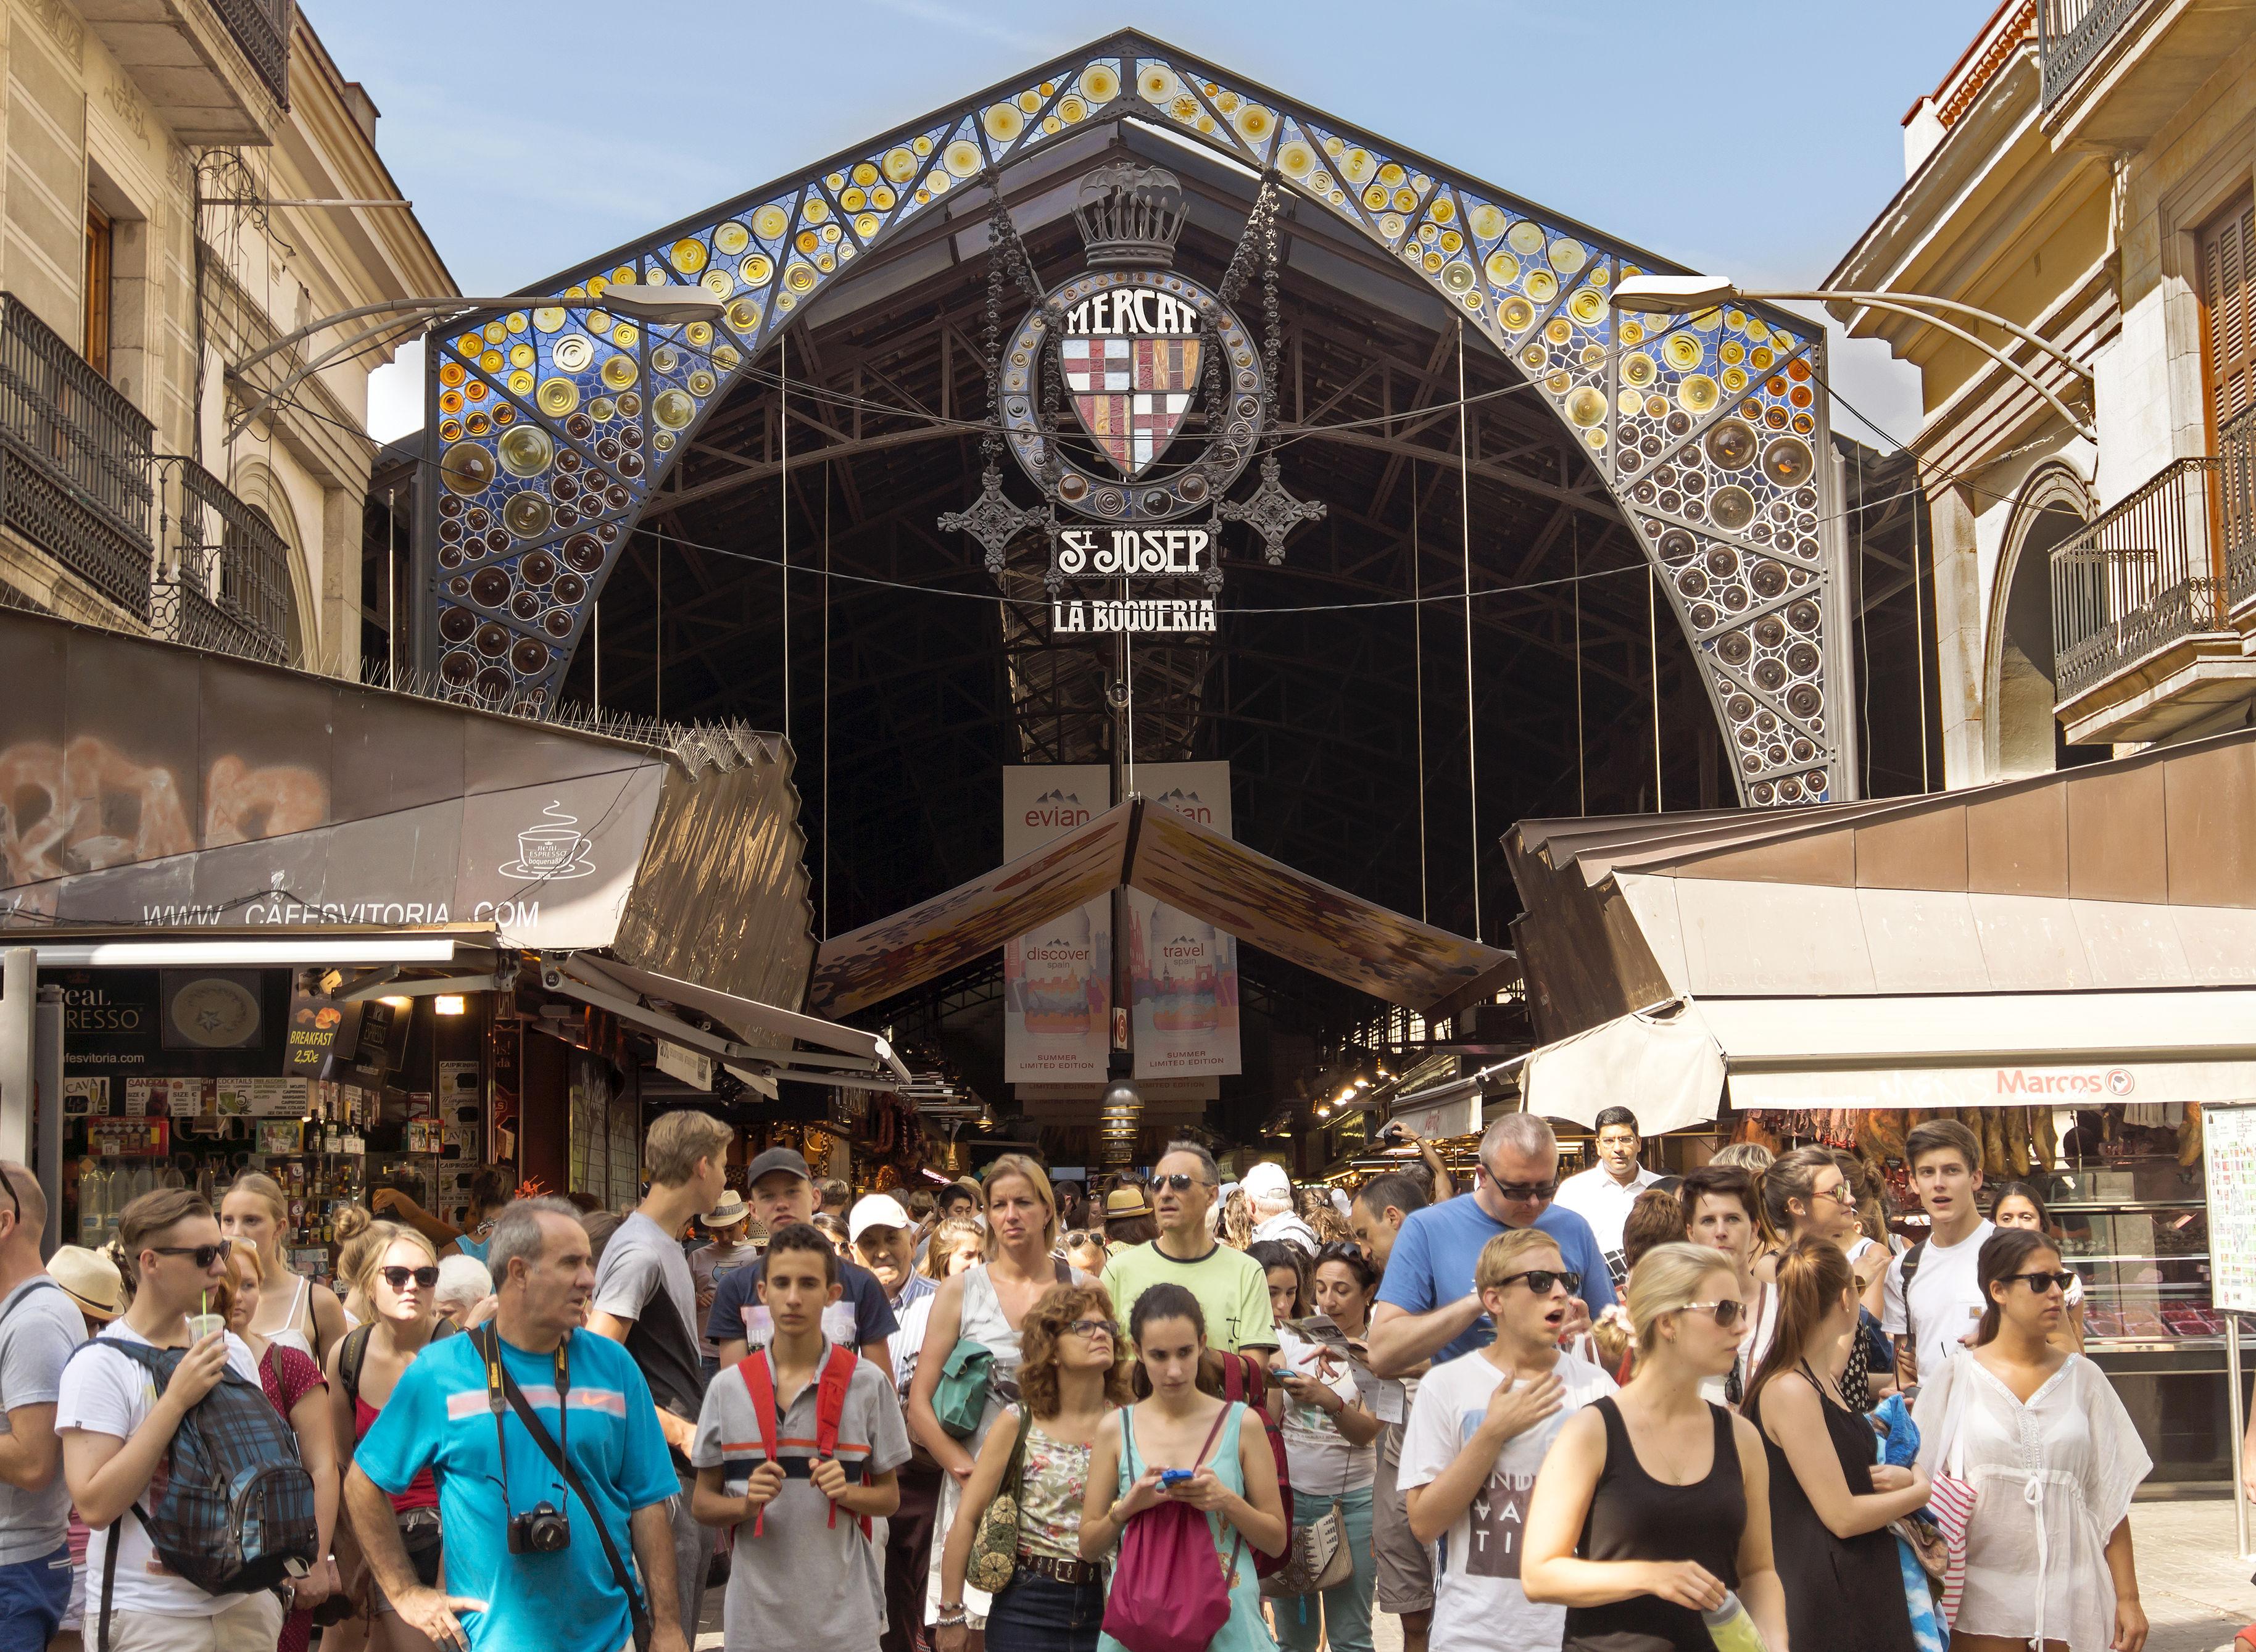 mercato la boqueria barcelona